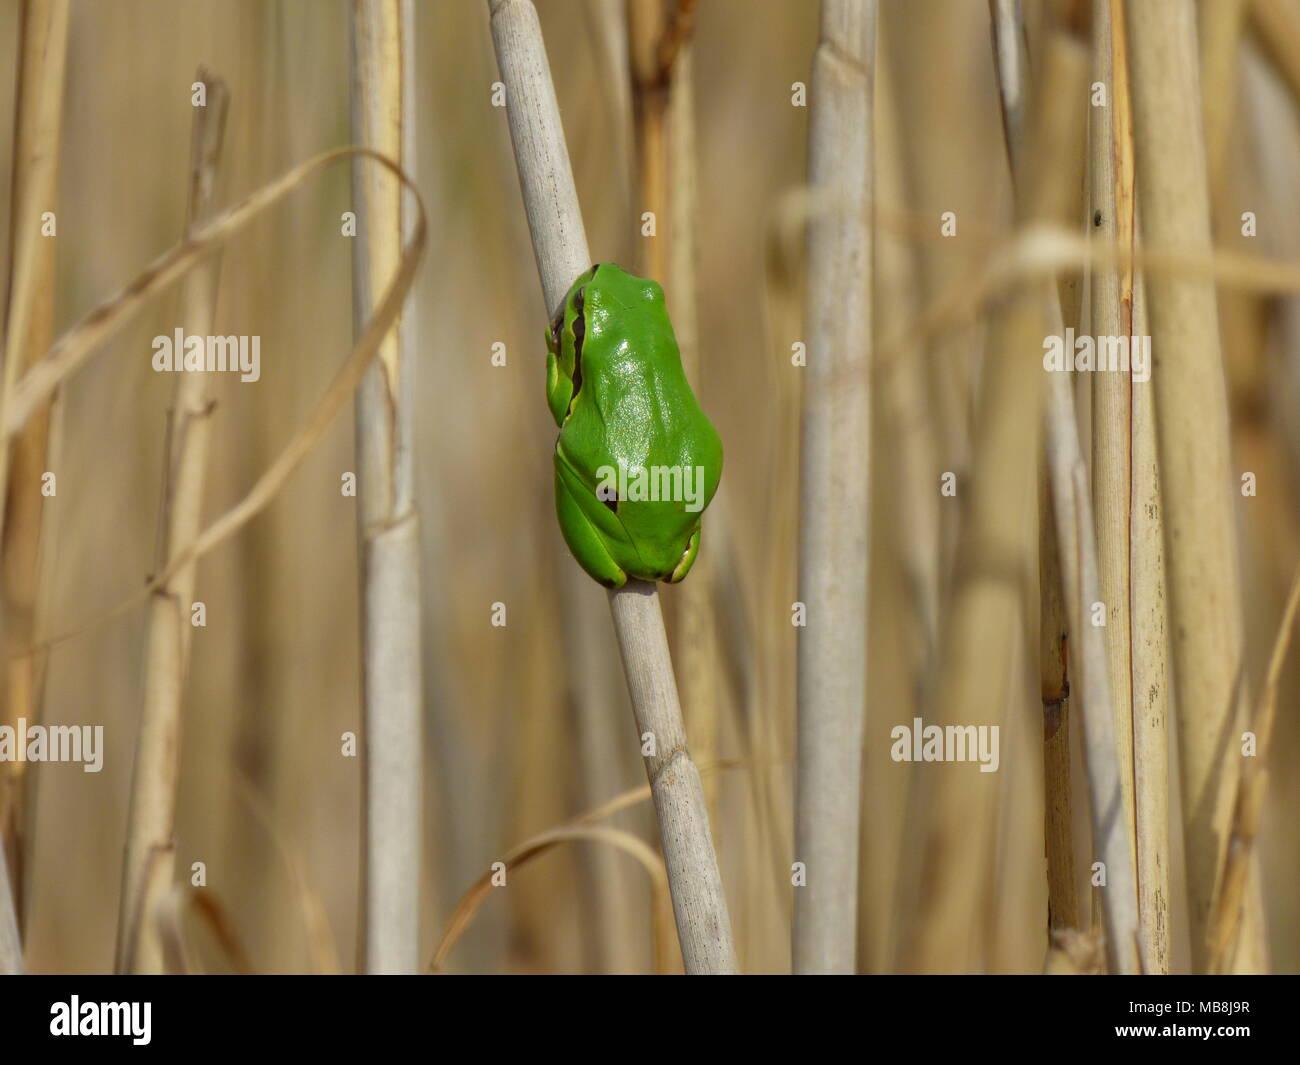 Seul petit européen vert grenouille d'arbre - Hyla arborea sur l'ancienne reed Photo Stock